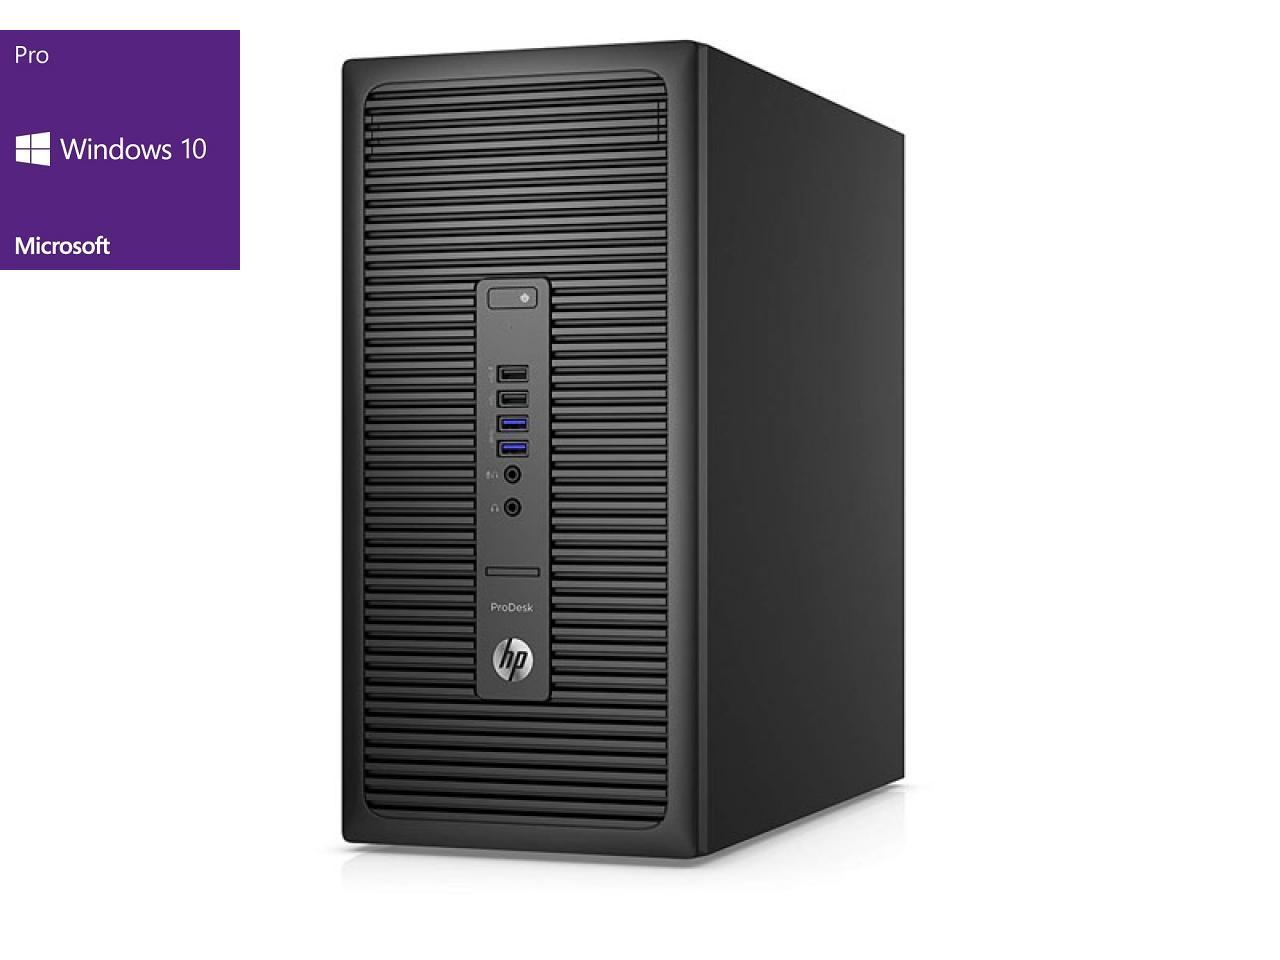 Hewlett Packard ProDesk 600 G2 MT  - shop.bb-net.de